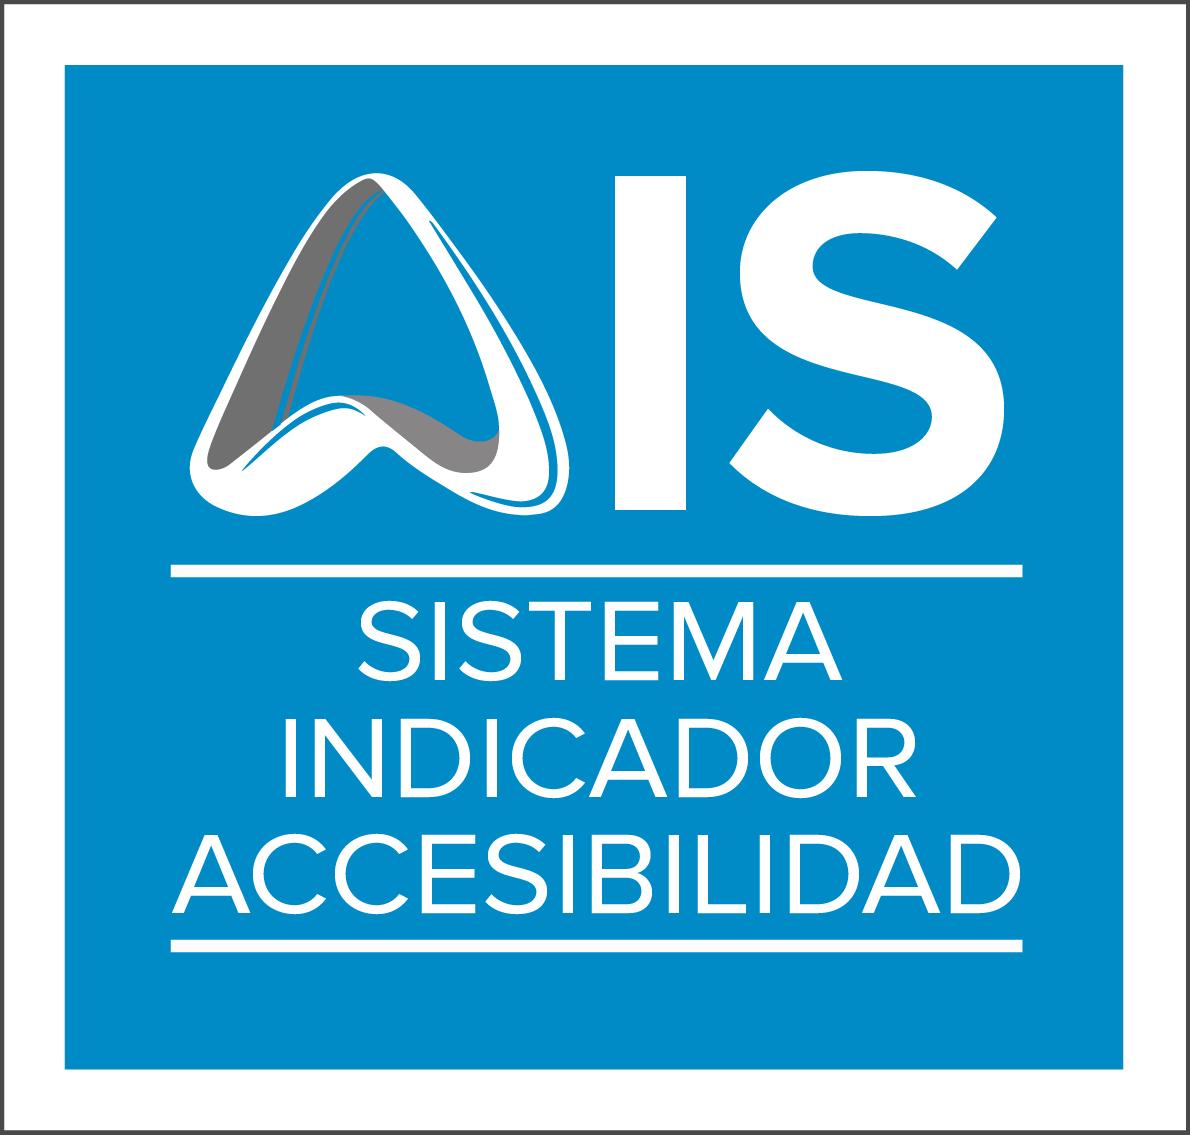 Aparece un cuadrado azul con el logotipo de AIS